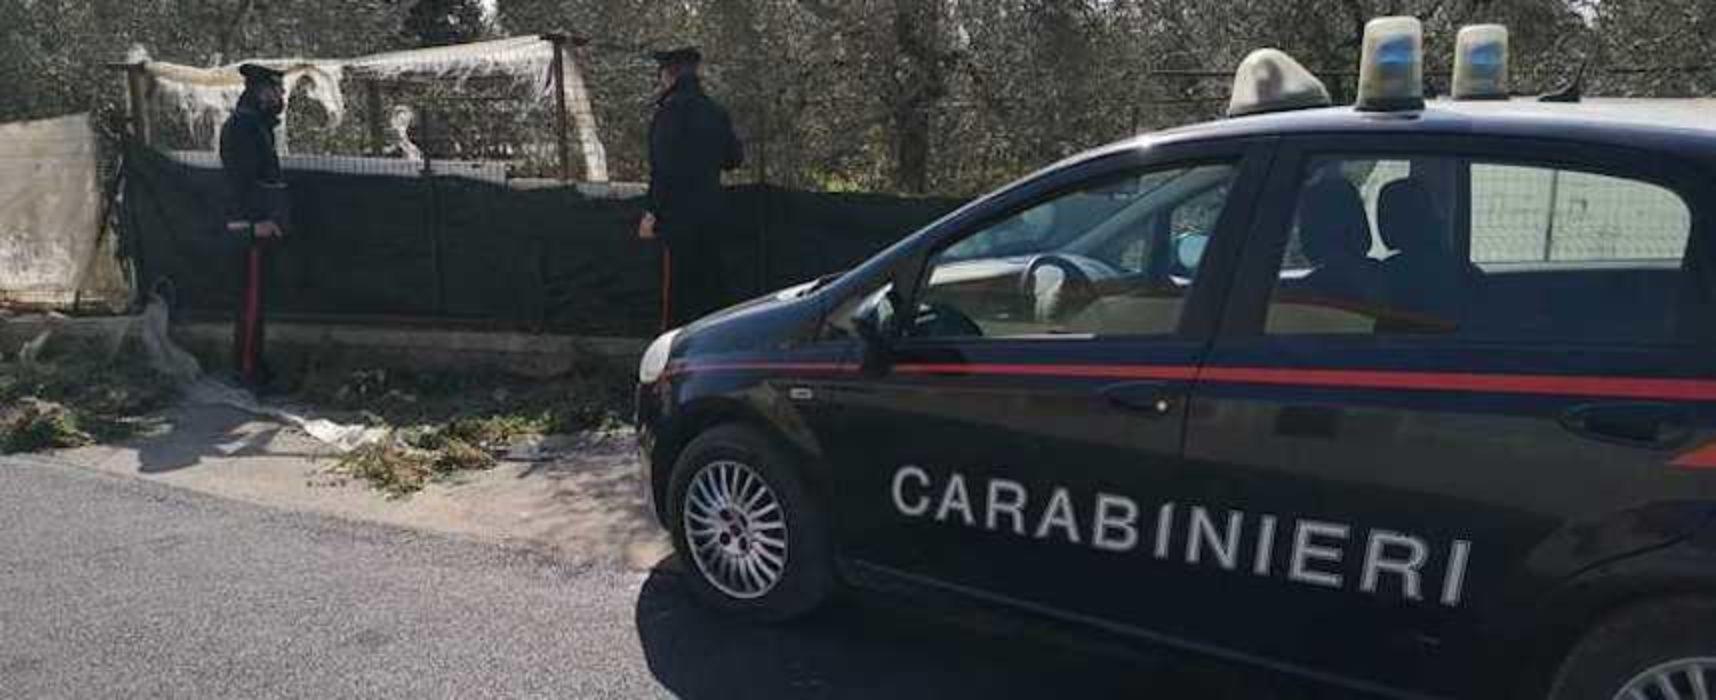 Breve inseguimento in via Ruvo: carabinieri arrestano due ragazzi per spaccio